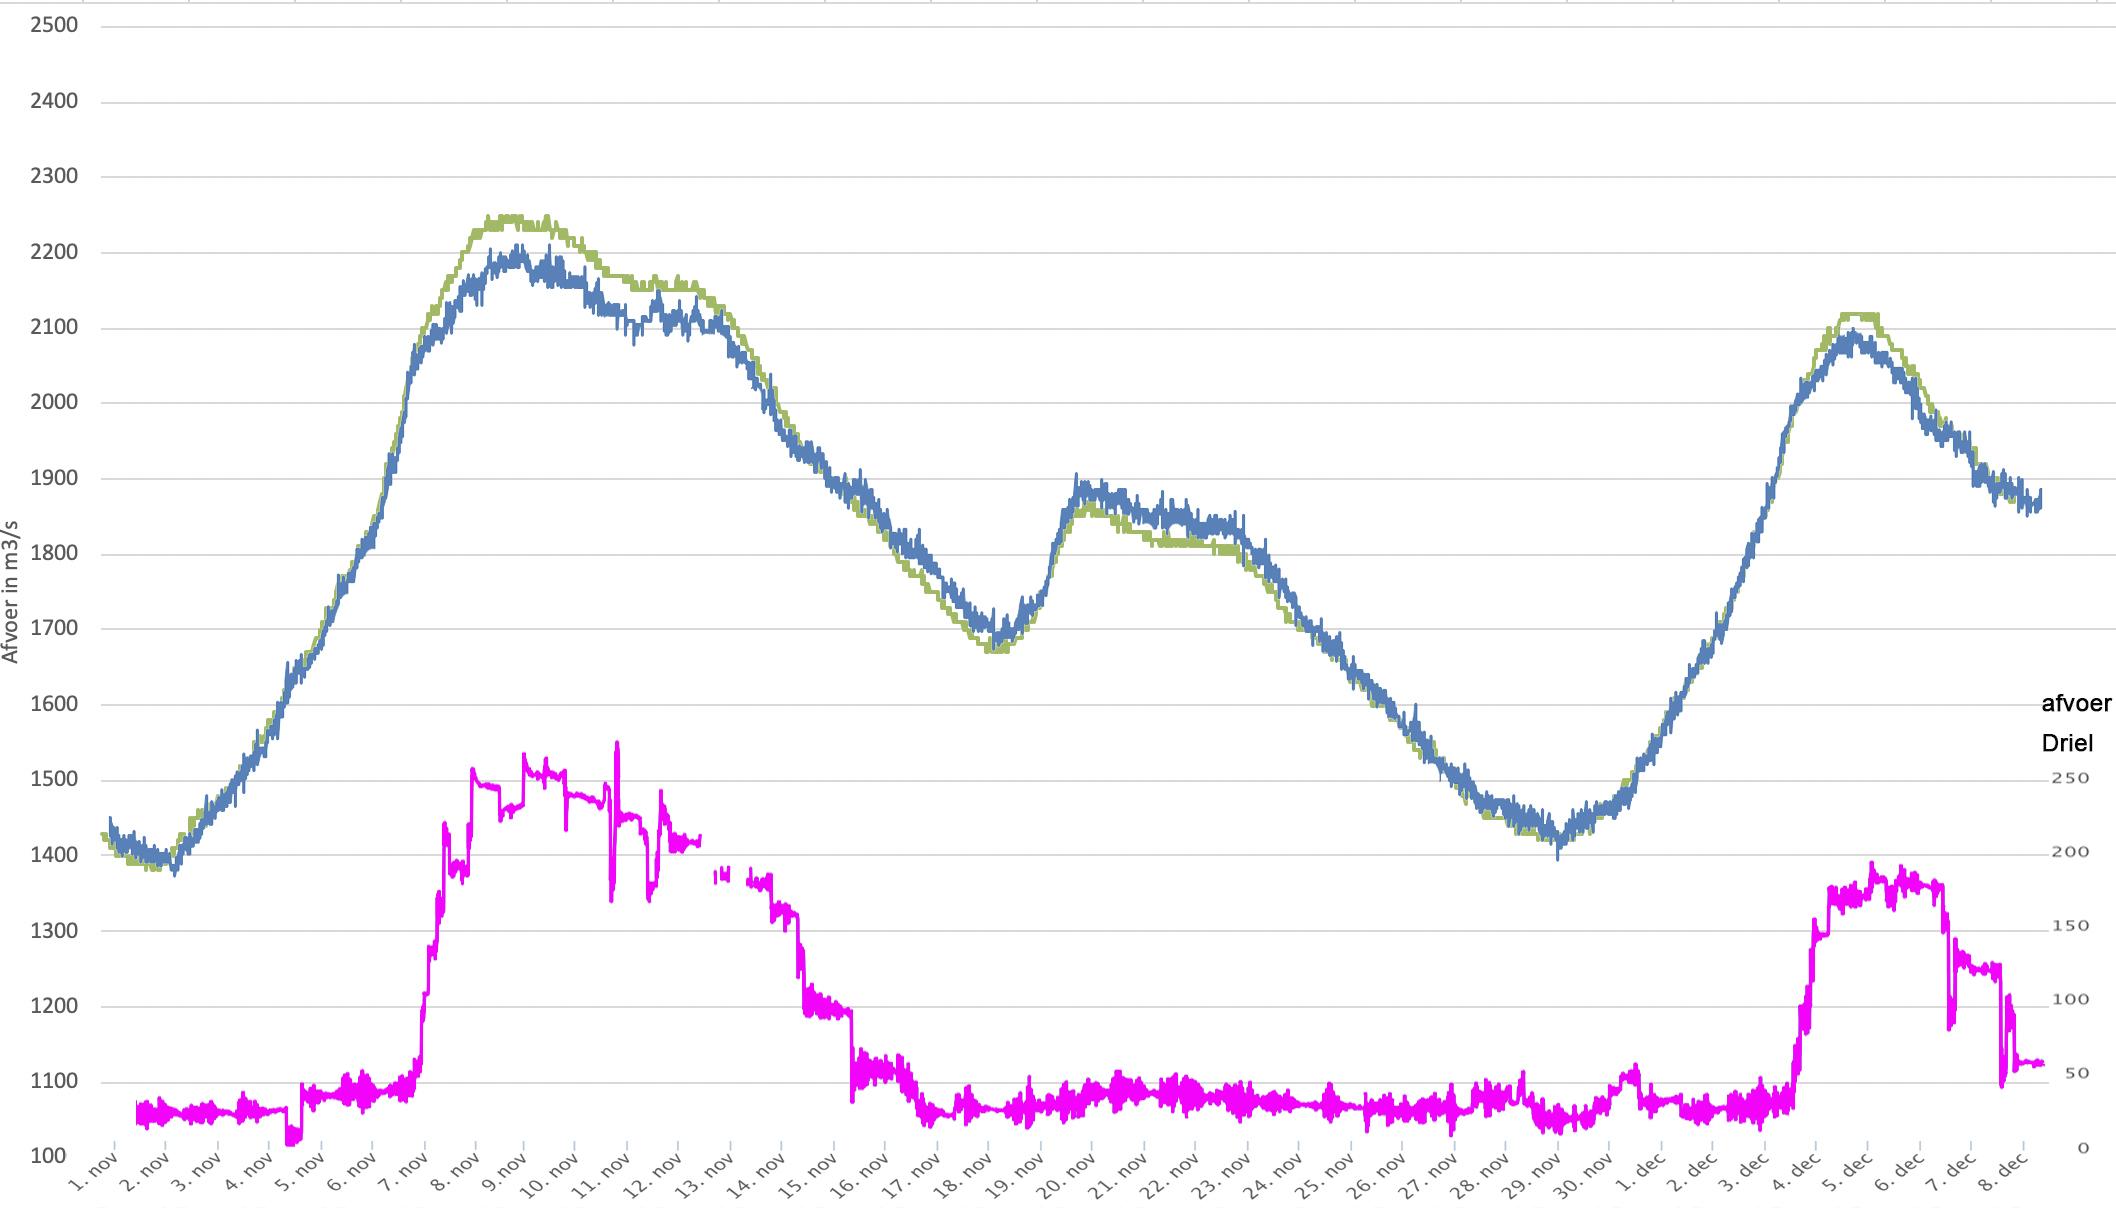 Afvoer in m3/s bij Emmerich (groene lijn), Lobith (blauwe Lijn) en Driel (roze lijn); de waarden van Driel staan rechts.